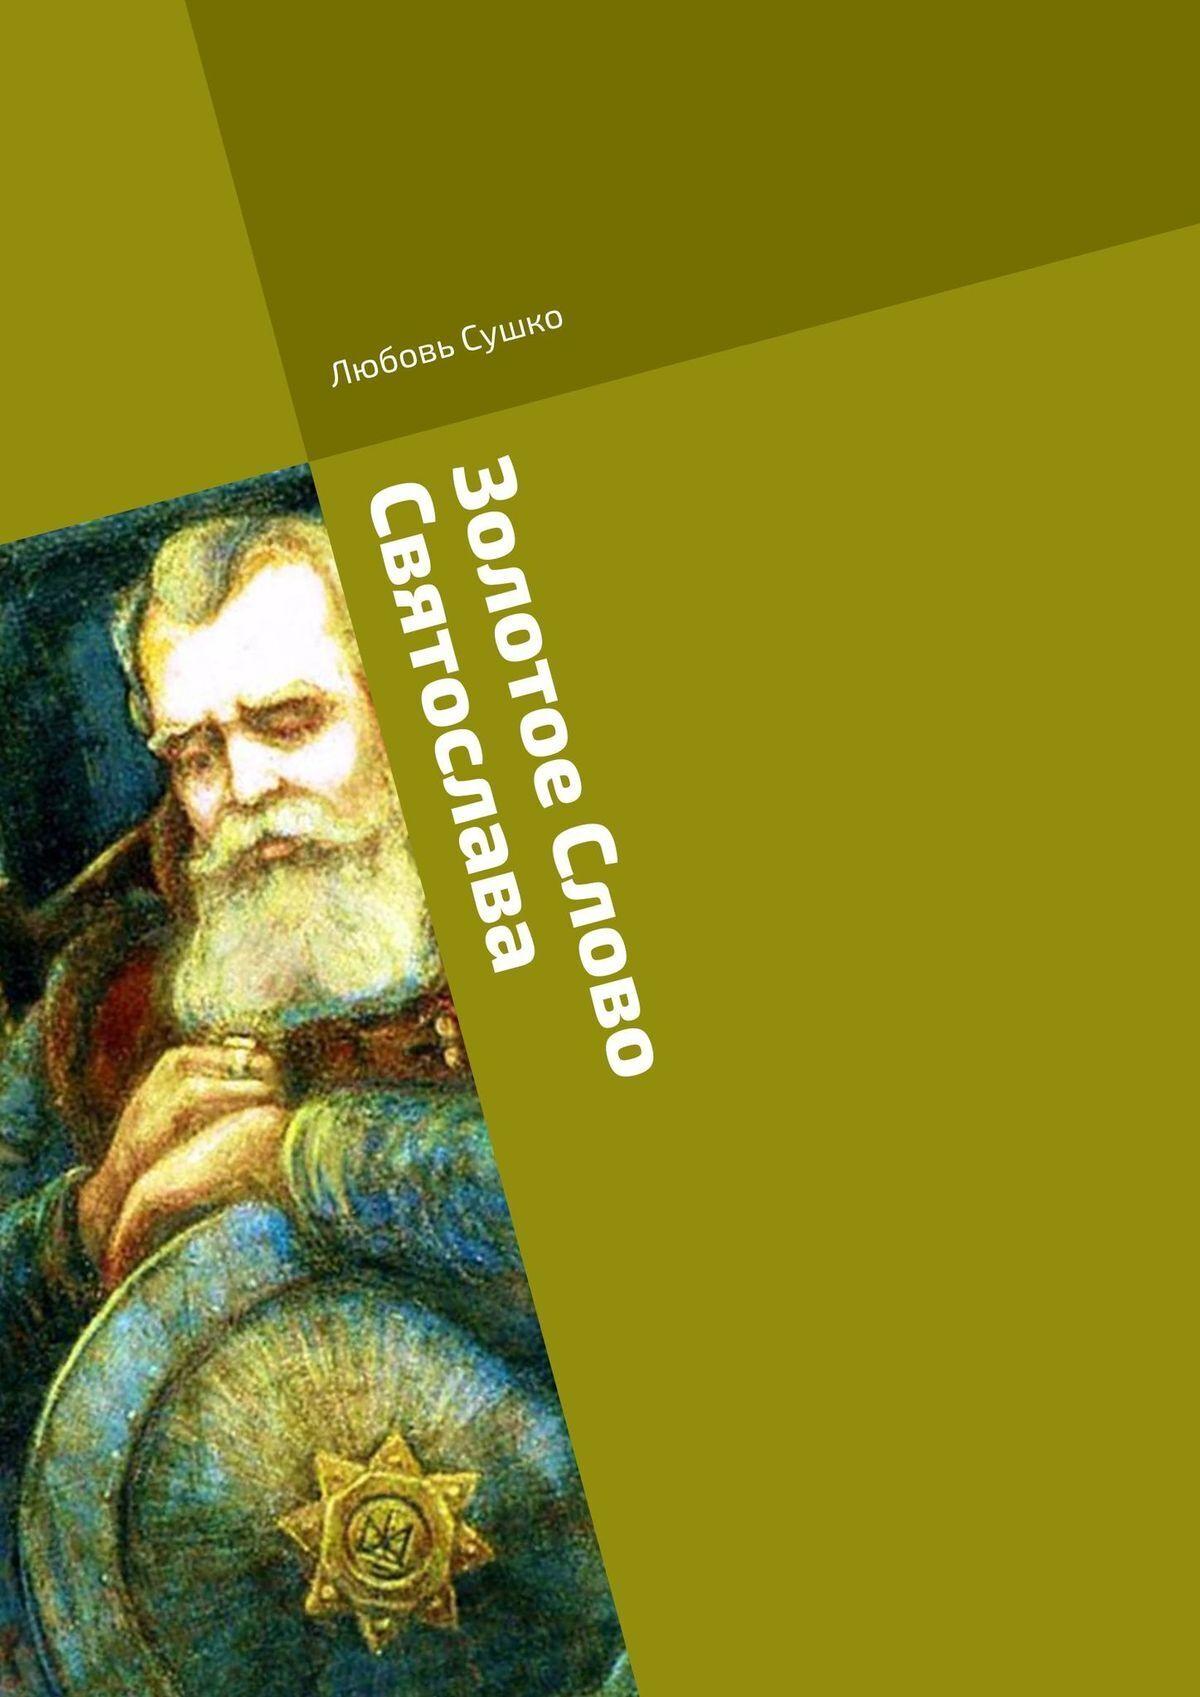 Любовь Сушко Золотое Слово Святослава. Князья ивоины